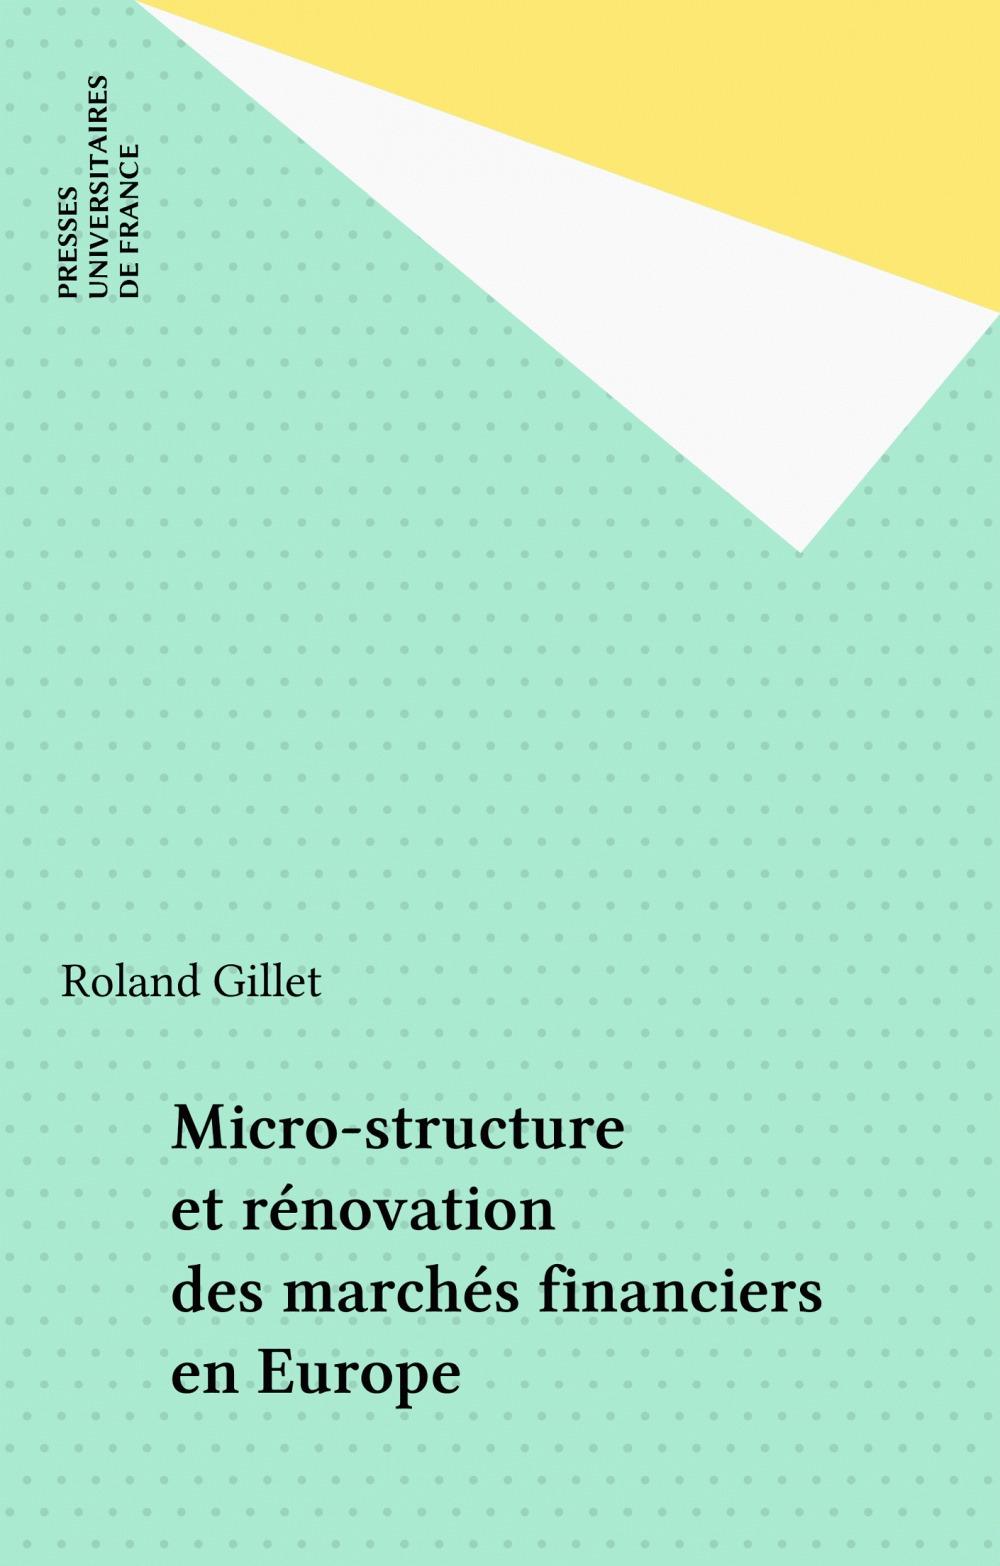 Micro-structure et rénovation des marchés financiers en Europe